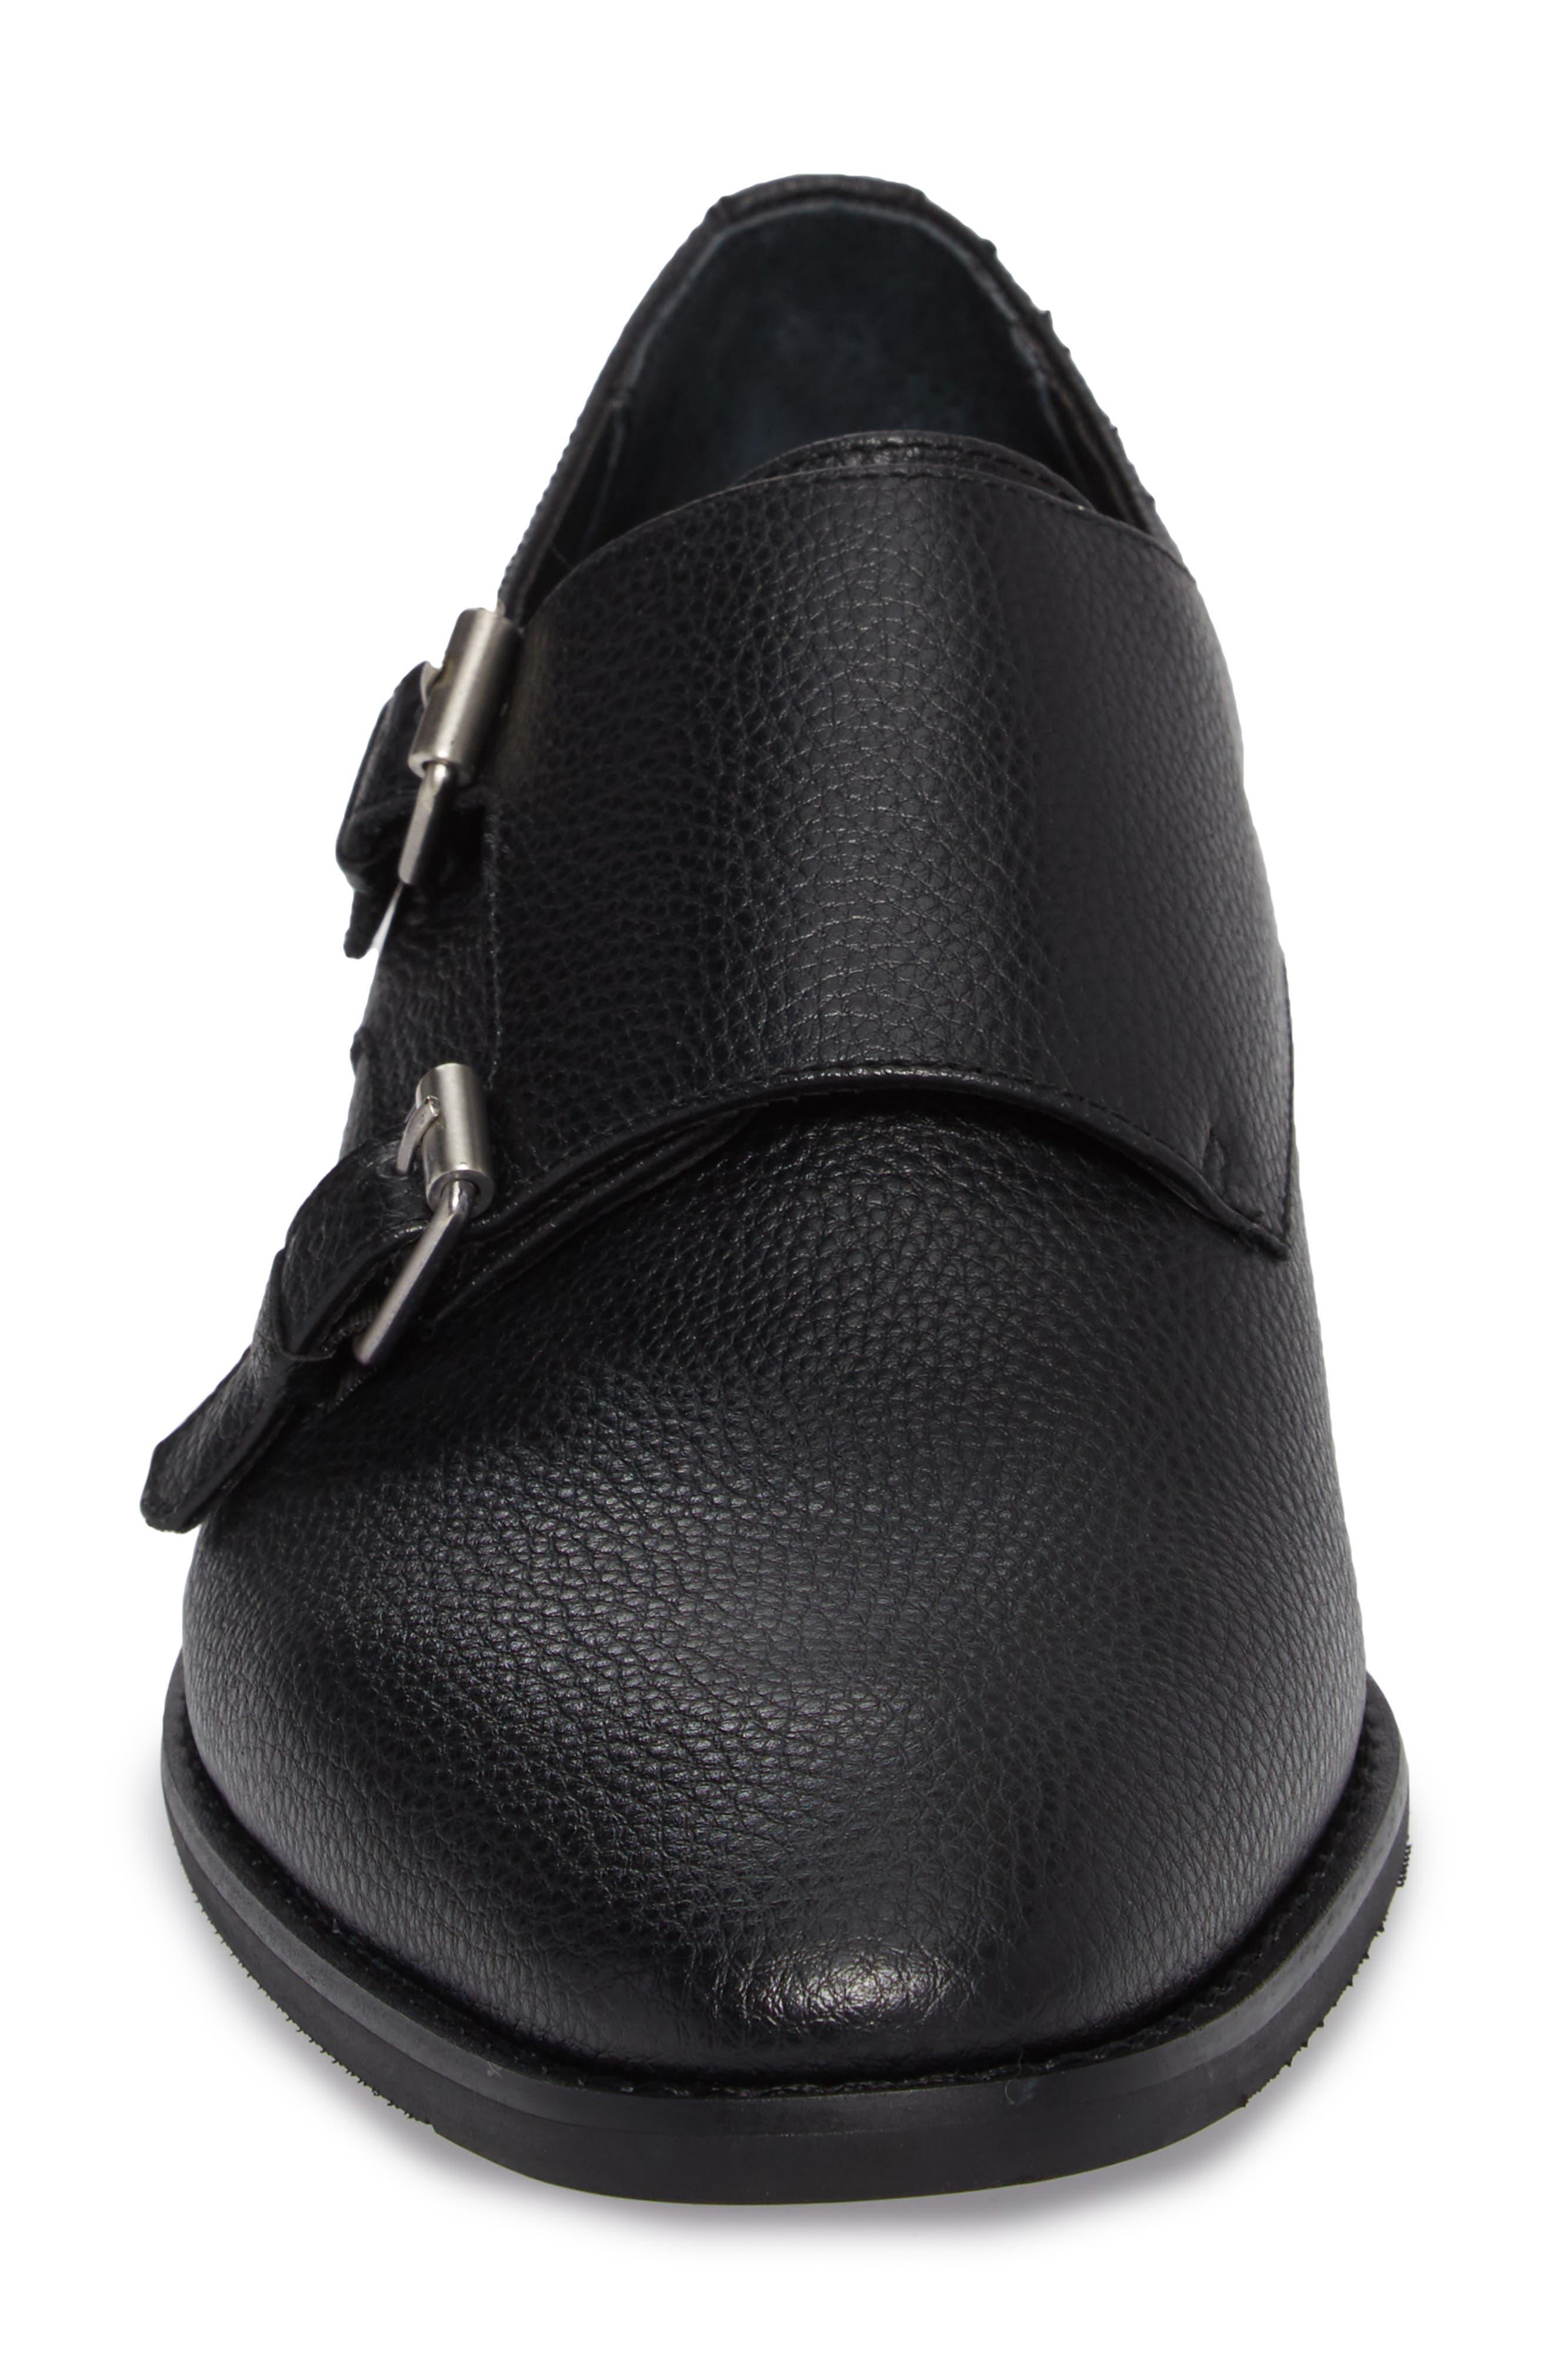 Robbie Double Monk Strap Shoe,                             Alternate thumbnail 4, color,                             Black Leather